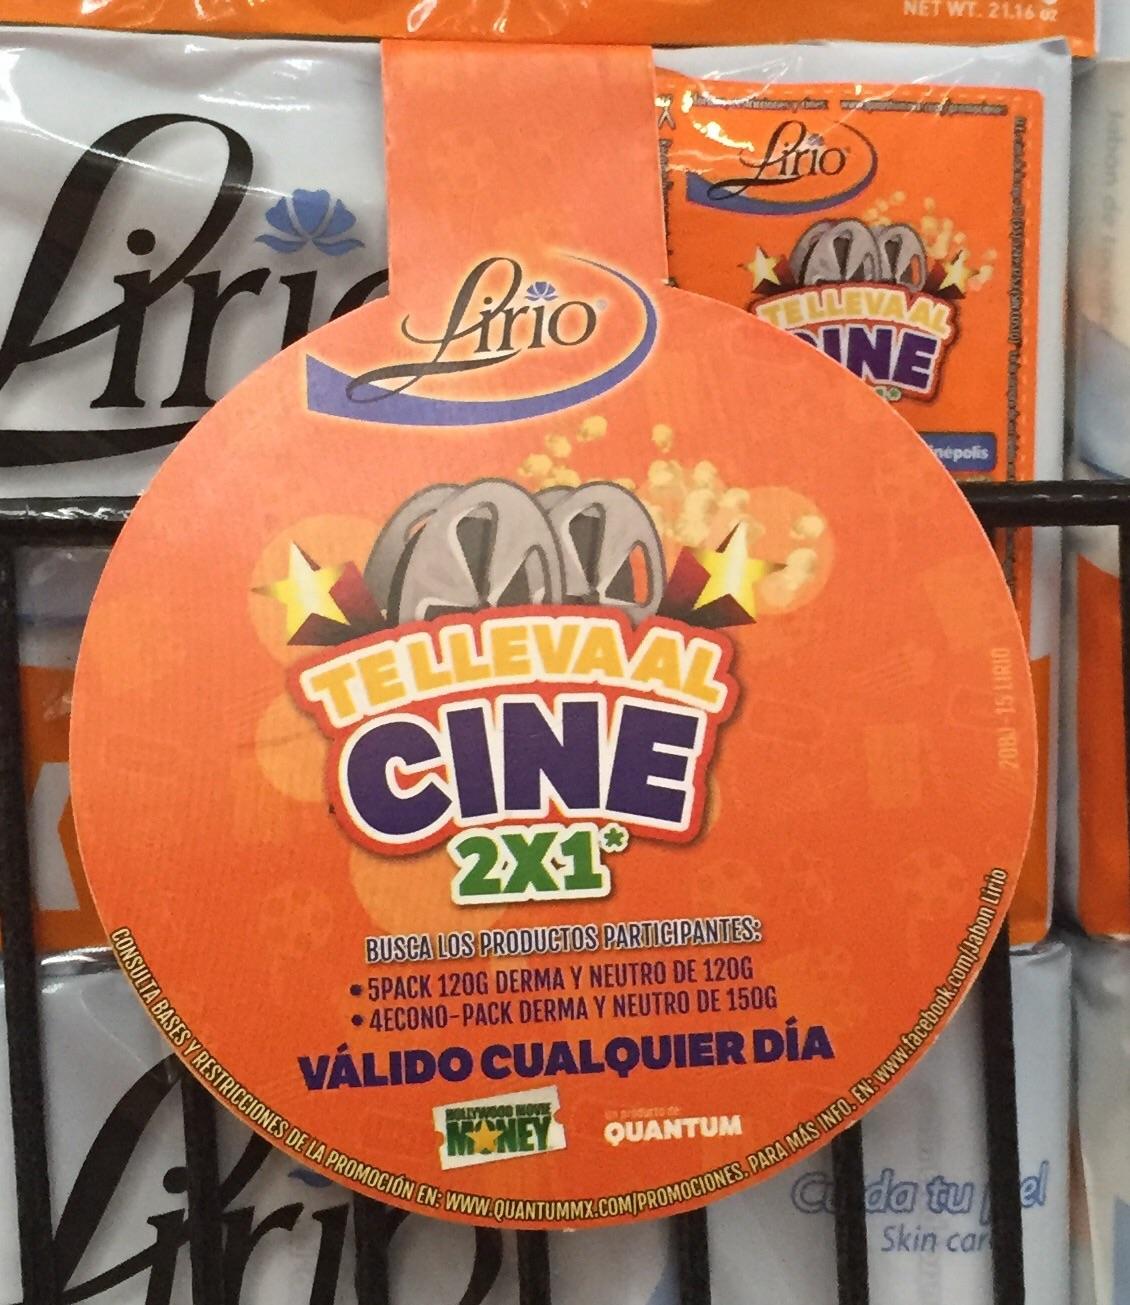 Cupón 2x1 en Cinépolis comprando jabones Lirio